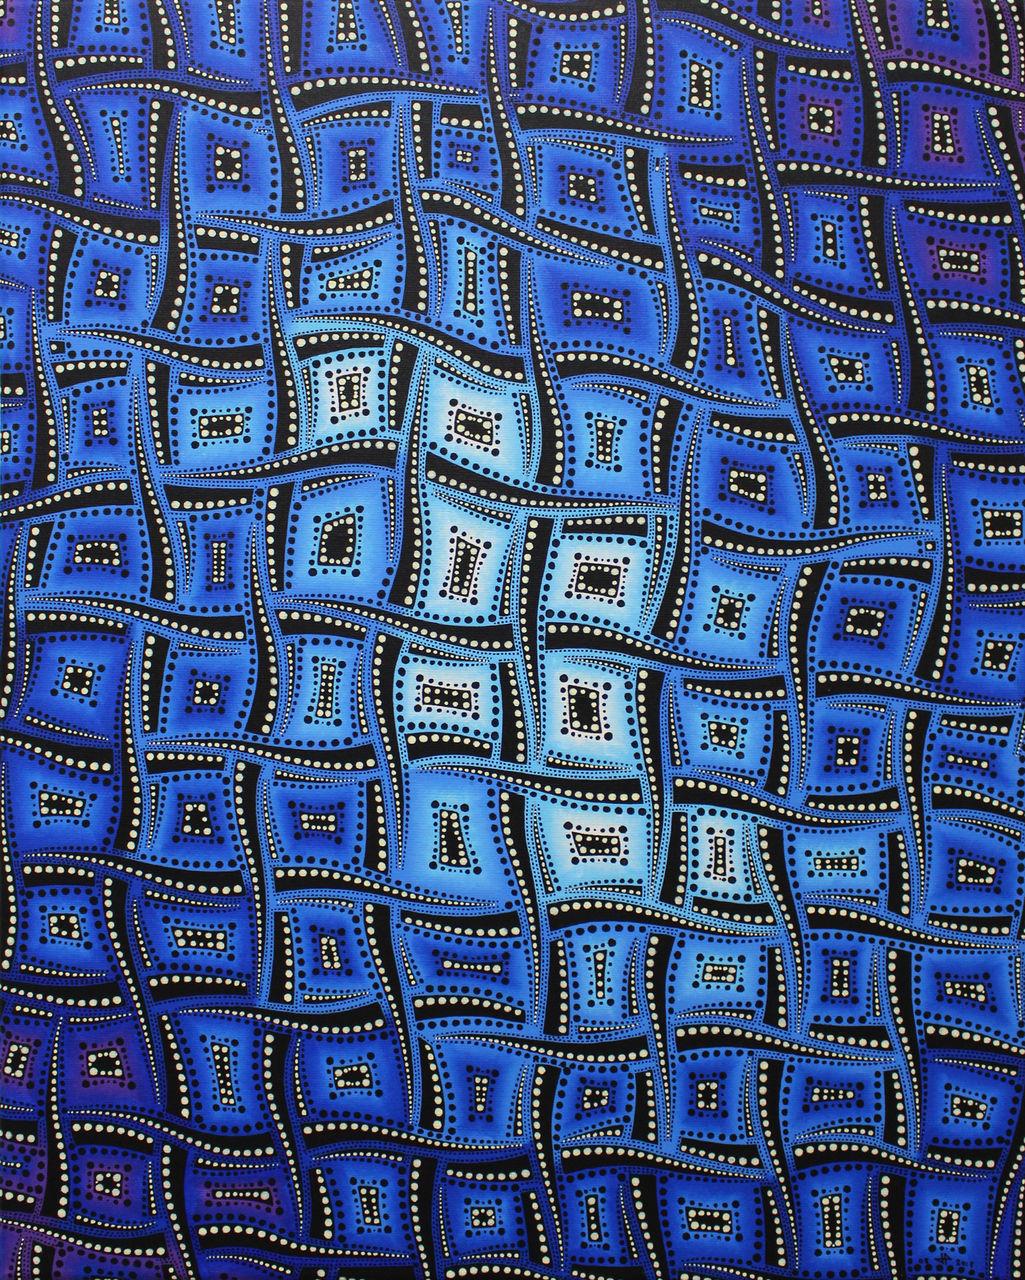 Jonathan-Pradillon Mouvements de couleurs bleutés